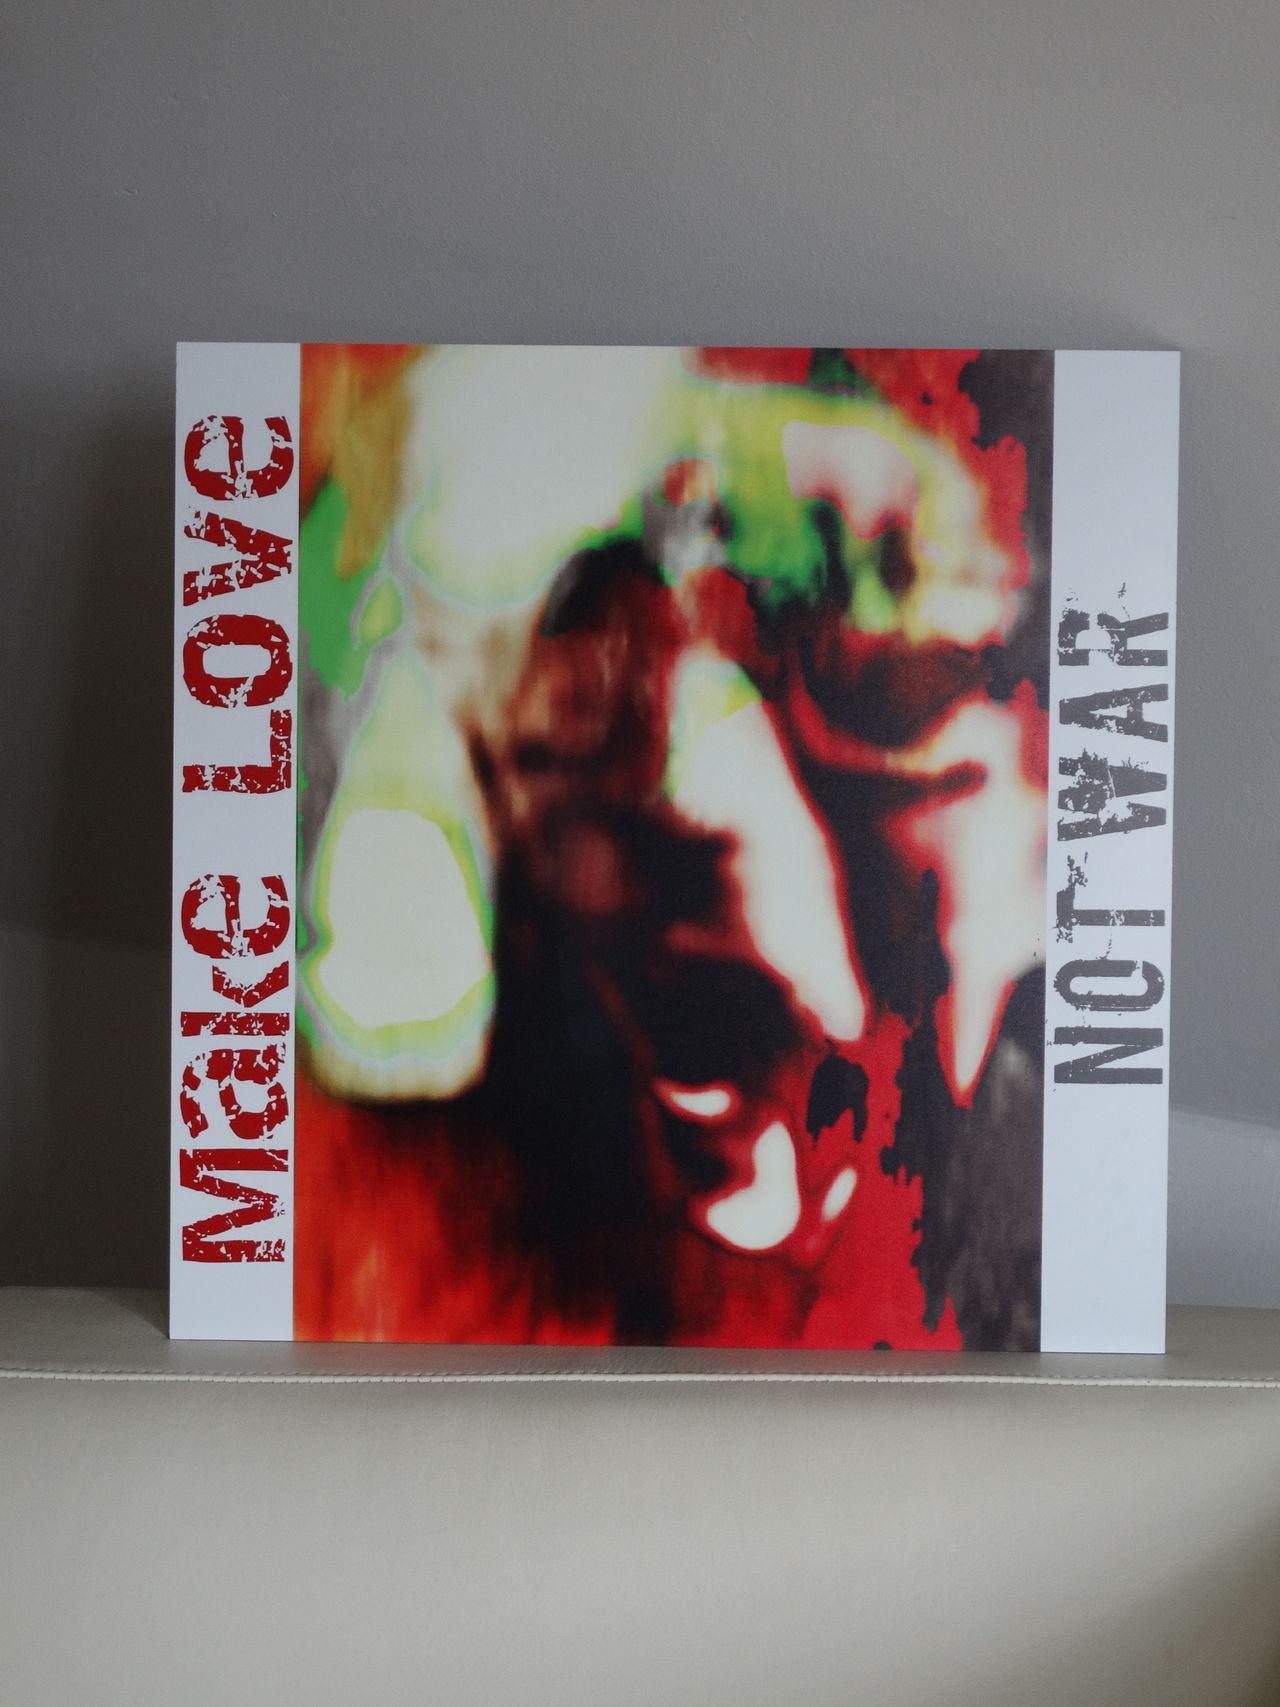 One Person Indoors  People Art Myhometown Leer (Ostfriesland) ArtWork EyeEm Team EyeEm The Week On Eyem The Week Of Eyeem Urban Exploration Taking Photos Make Love Not War